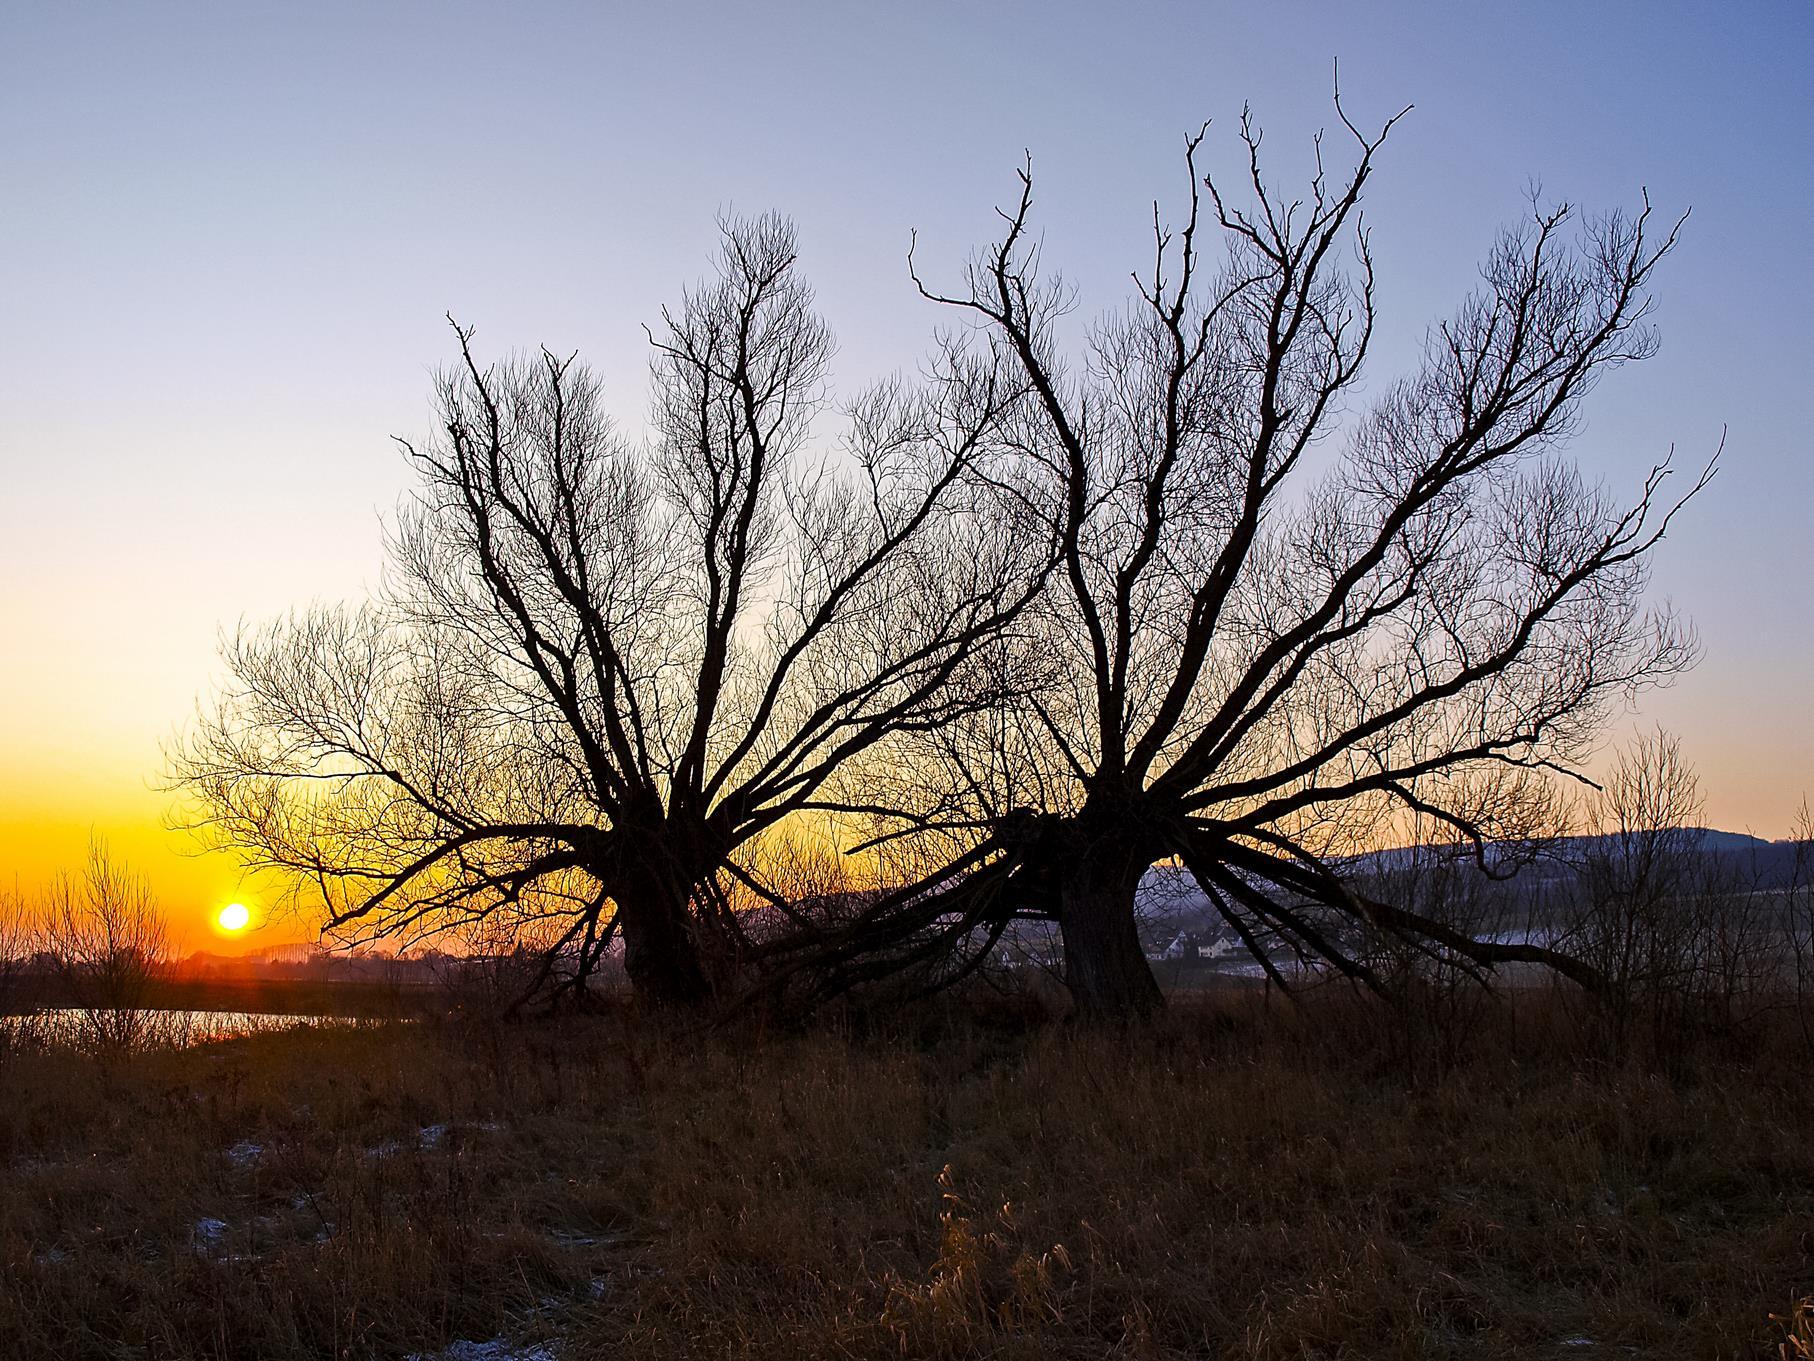 Die beiden großen, alten Kopfweiden am West-Teich in der Morgensonne.